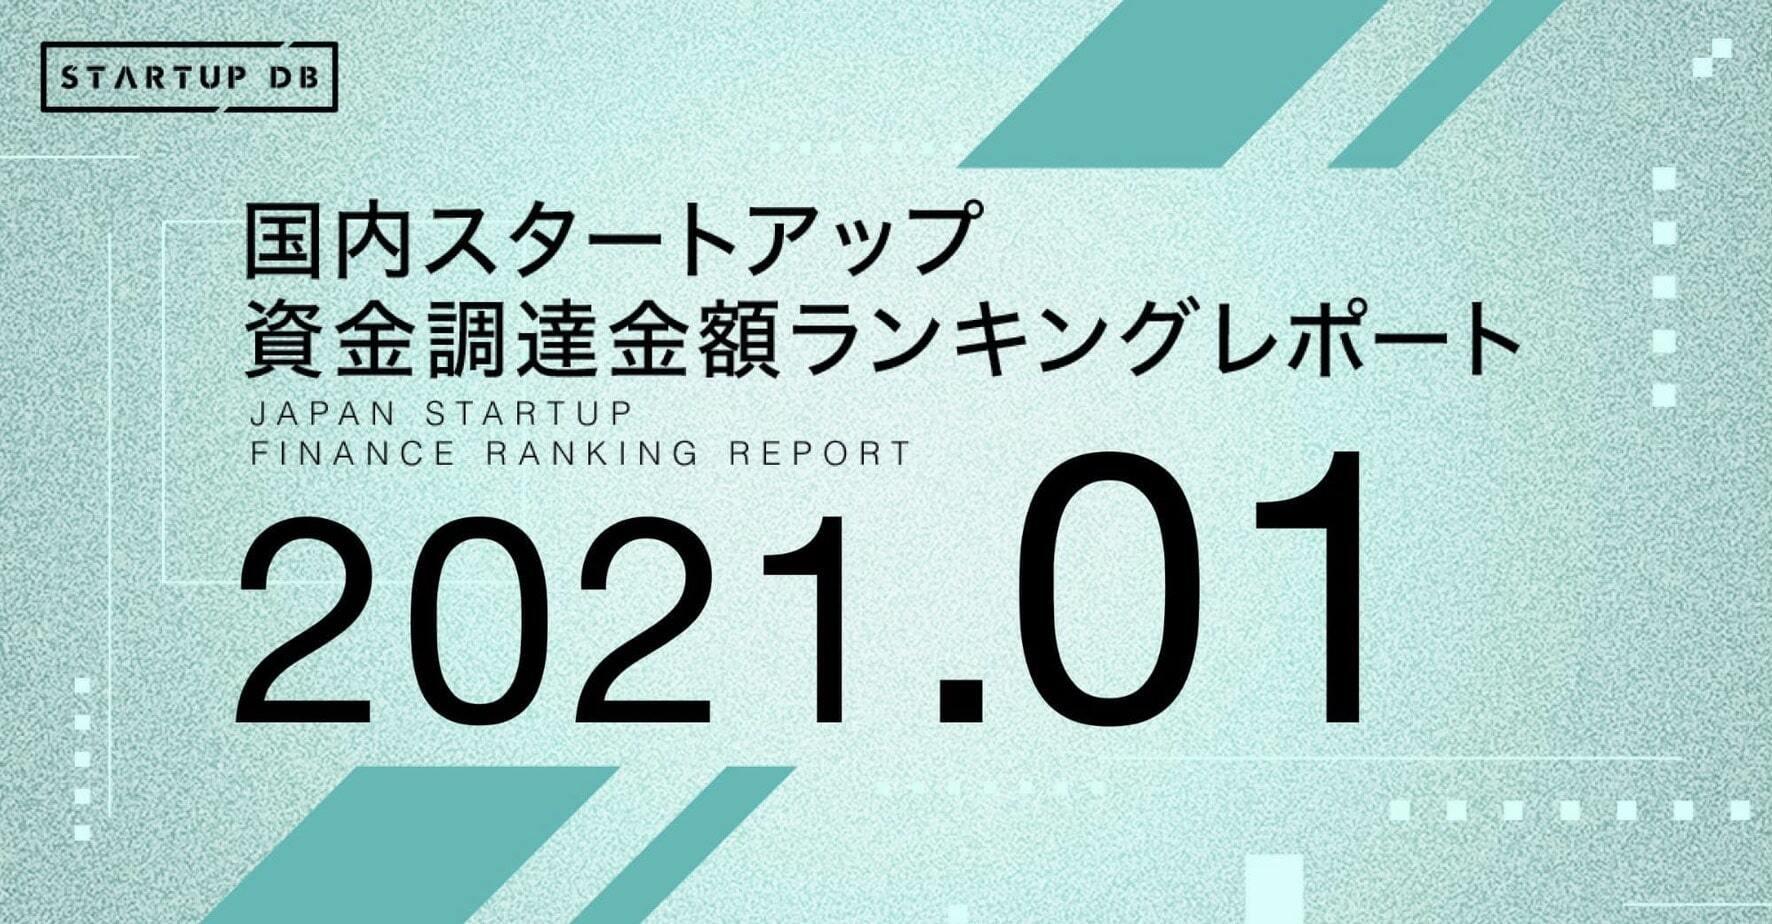 【STARTUP DB】調査結果 国内スタートアップ資金調達金額ランキング(2021年1月)